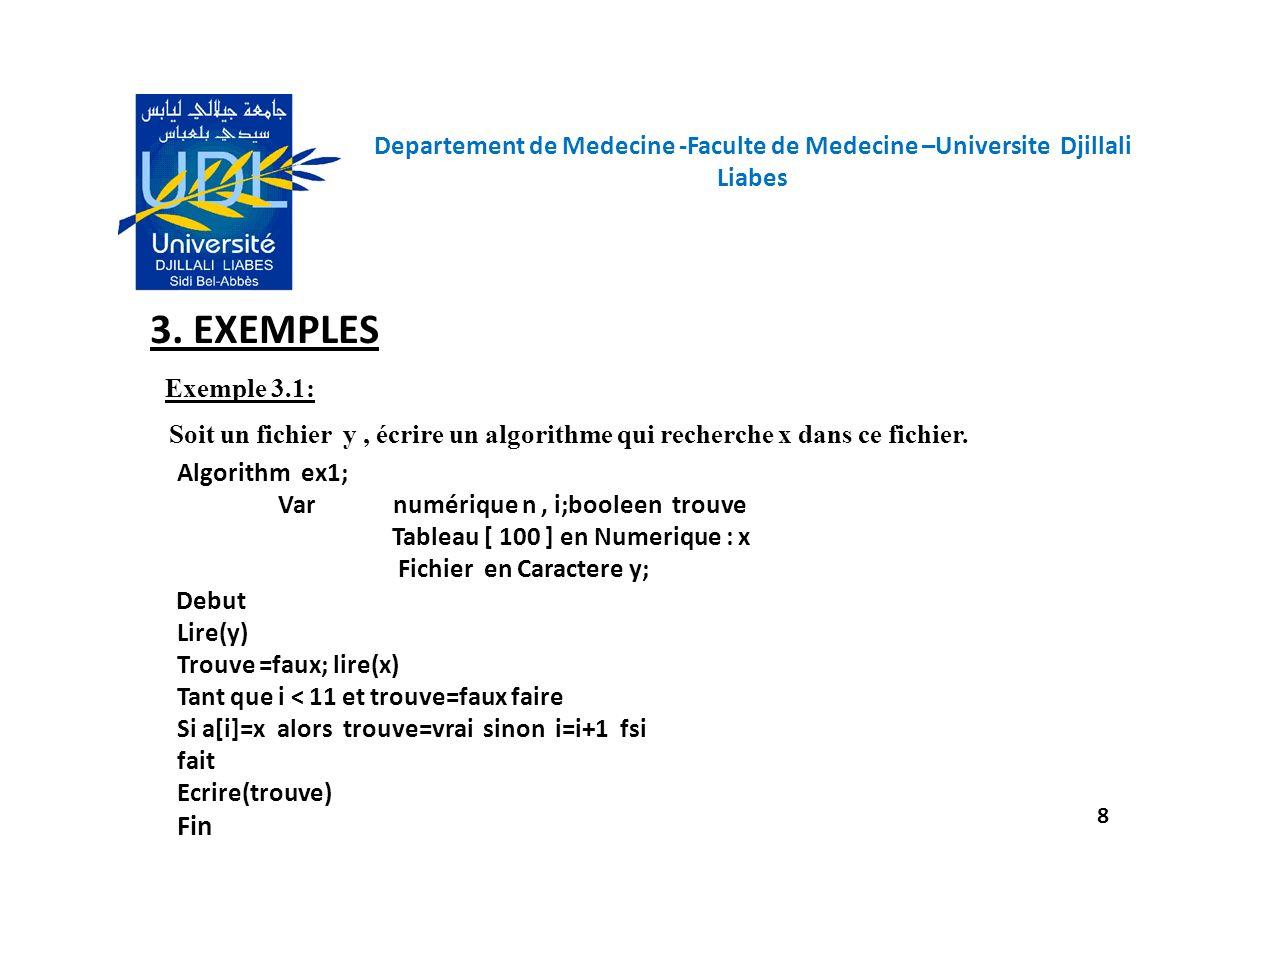 Departement de Medecine -Faculte de Medecine –Universite Djillali Liabes 9 Programme en R > y=scan(file= c:/ff1.data ,what= ) Read 11 items > trouve=F > x=scan(what= ) 1: ahmed 2: Read 1 item > i=1 > while(i<=11 && trouve==F){ if (y[i]==x)trouve=T else i=i+1} > trouve [1] TRUE